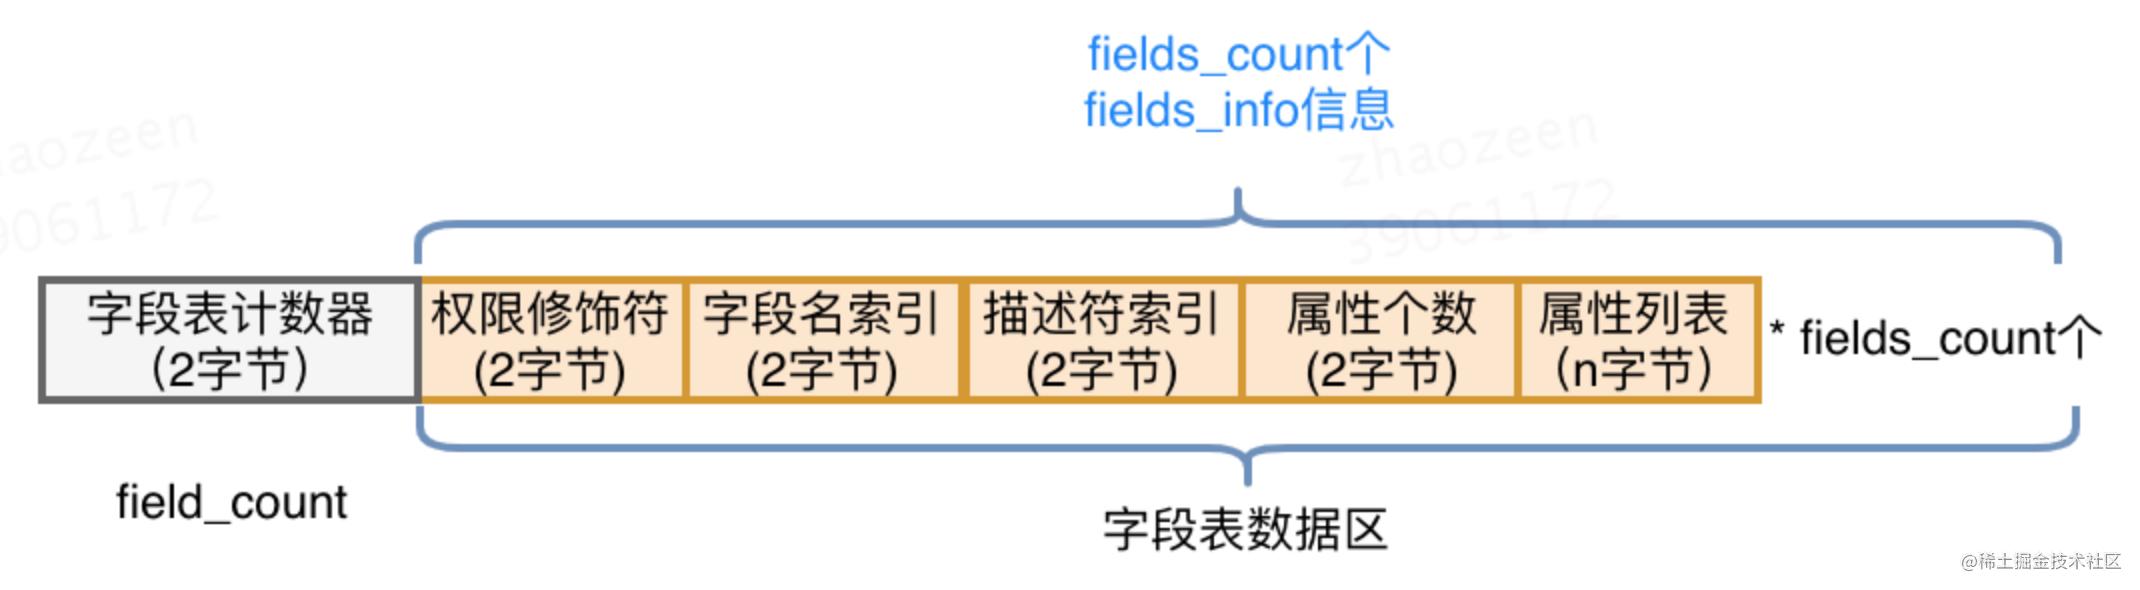 图10 字段表结构